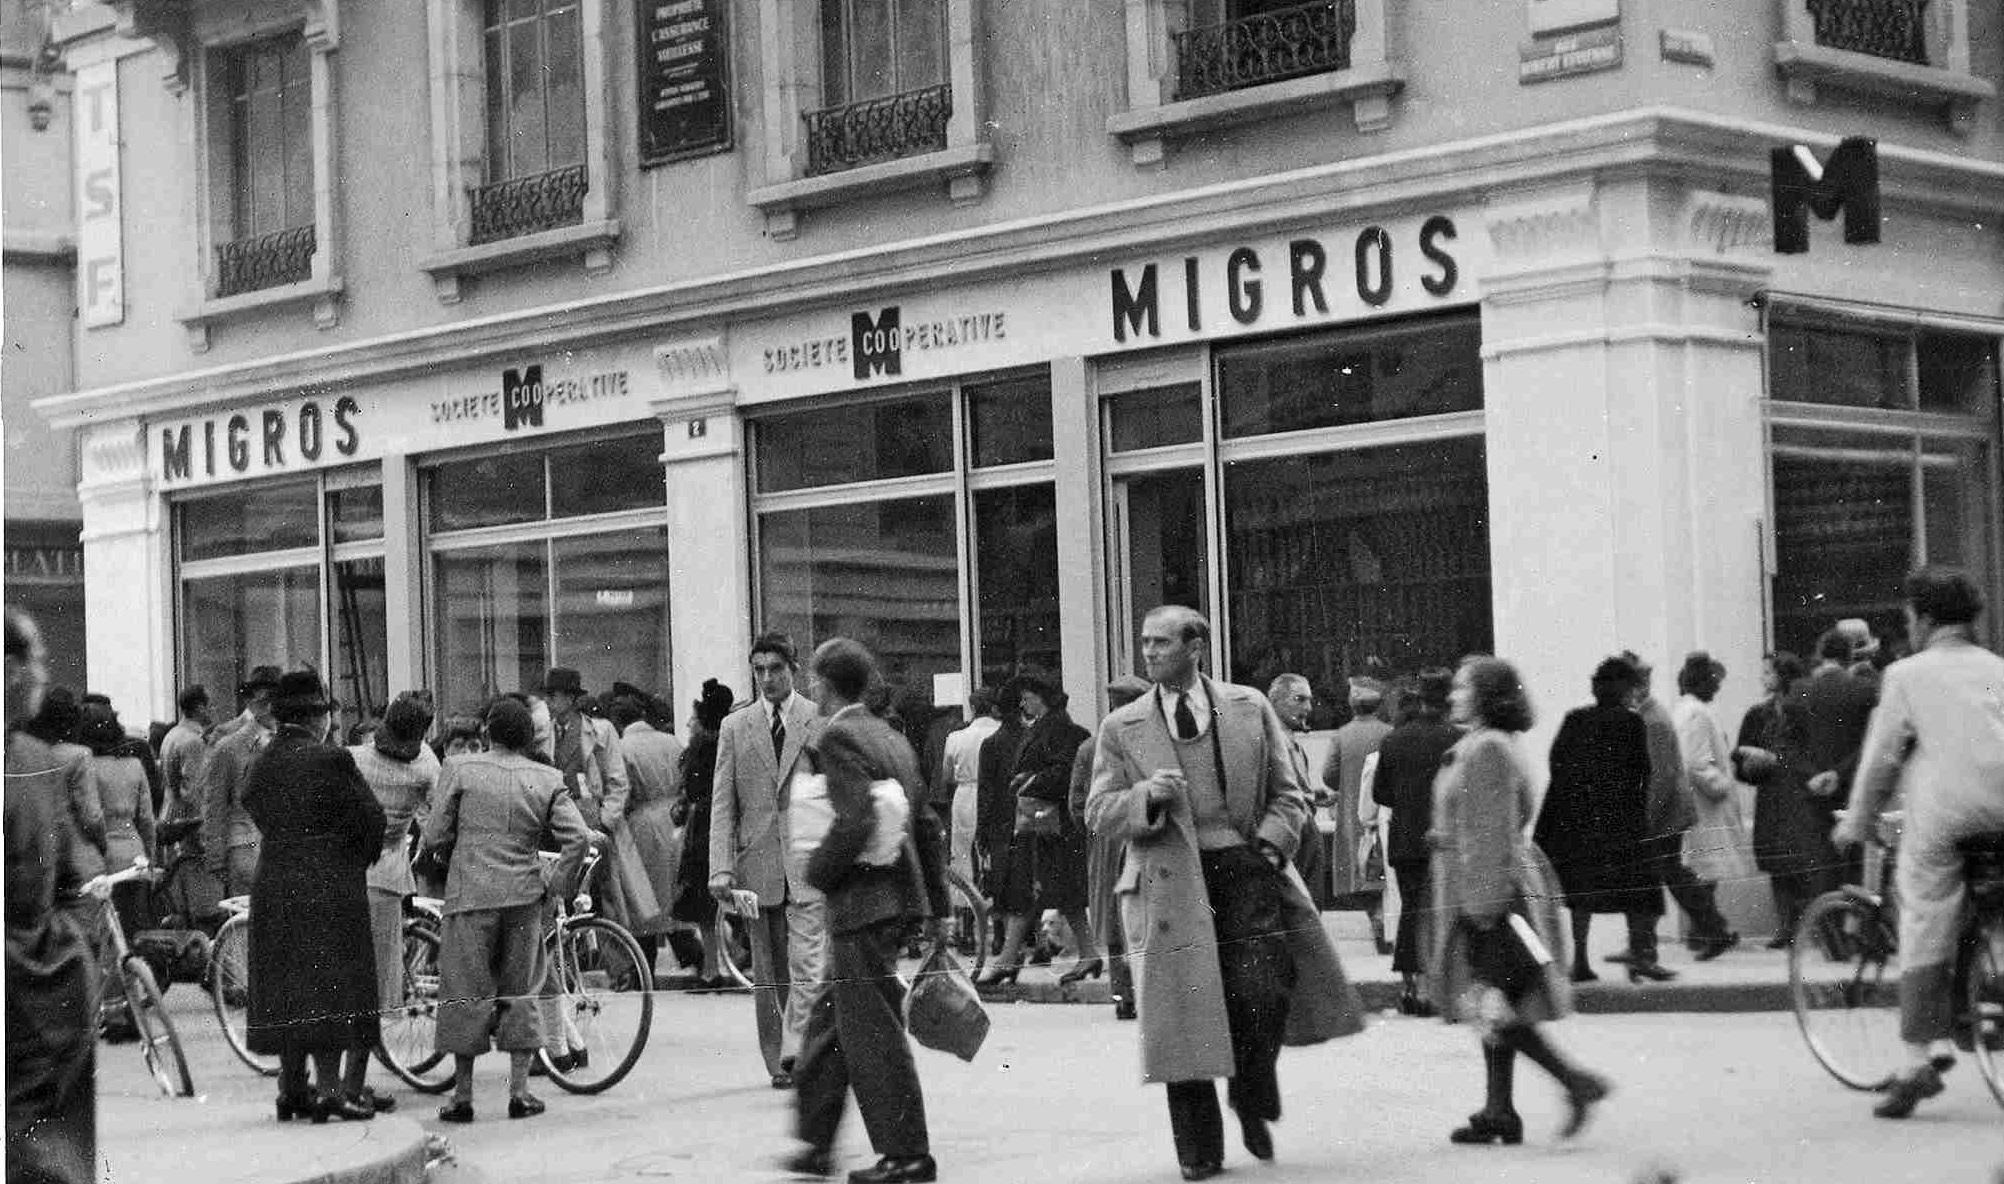 Schwarz-Weiss-Foto. Belebte Strasse, im Hintergrund eine Migros-Filiale.